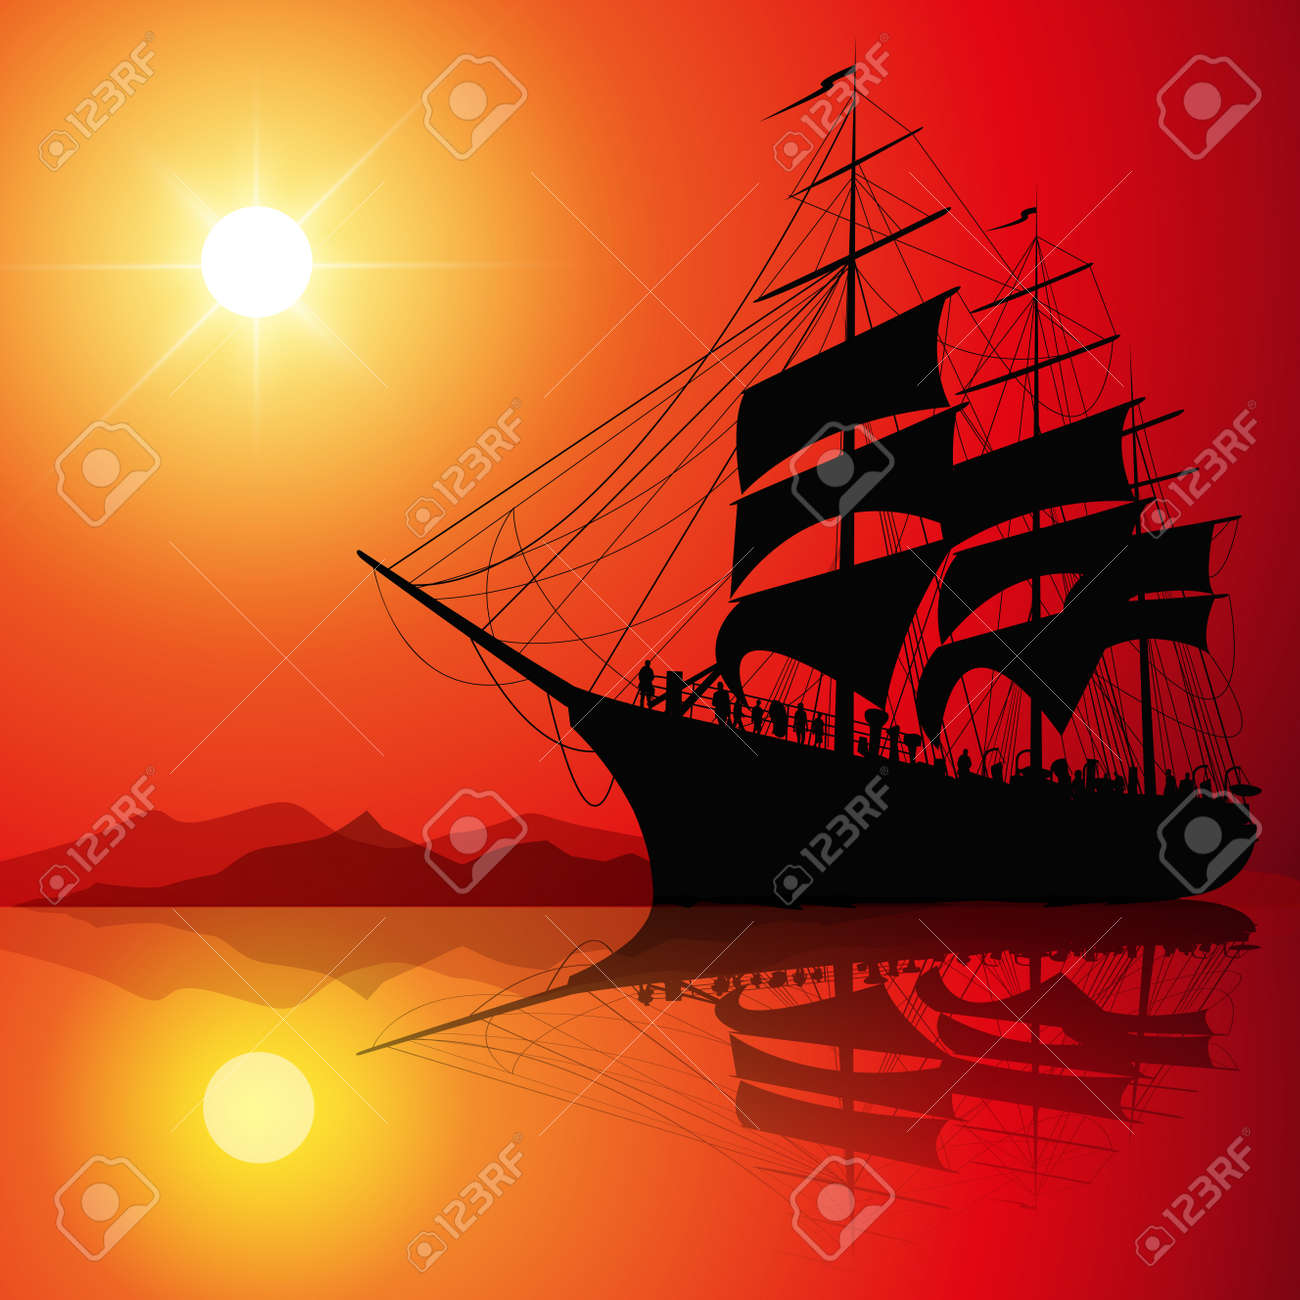 Segelschiffe auf dem meer sonnenuntergang  Segelschiff Auf Dem Meer Bei Sonnenuntergang Skyline. Vektor ...